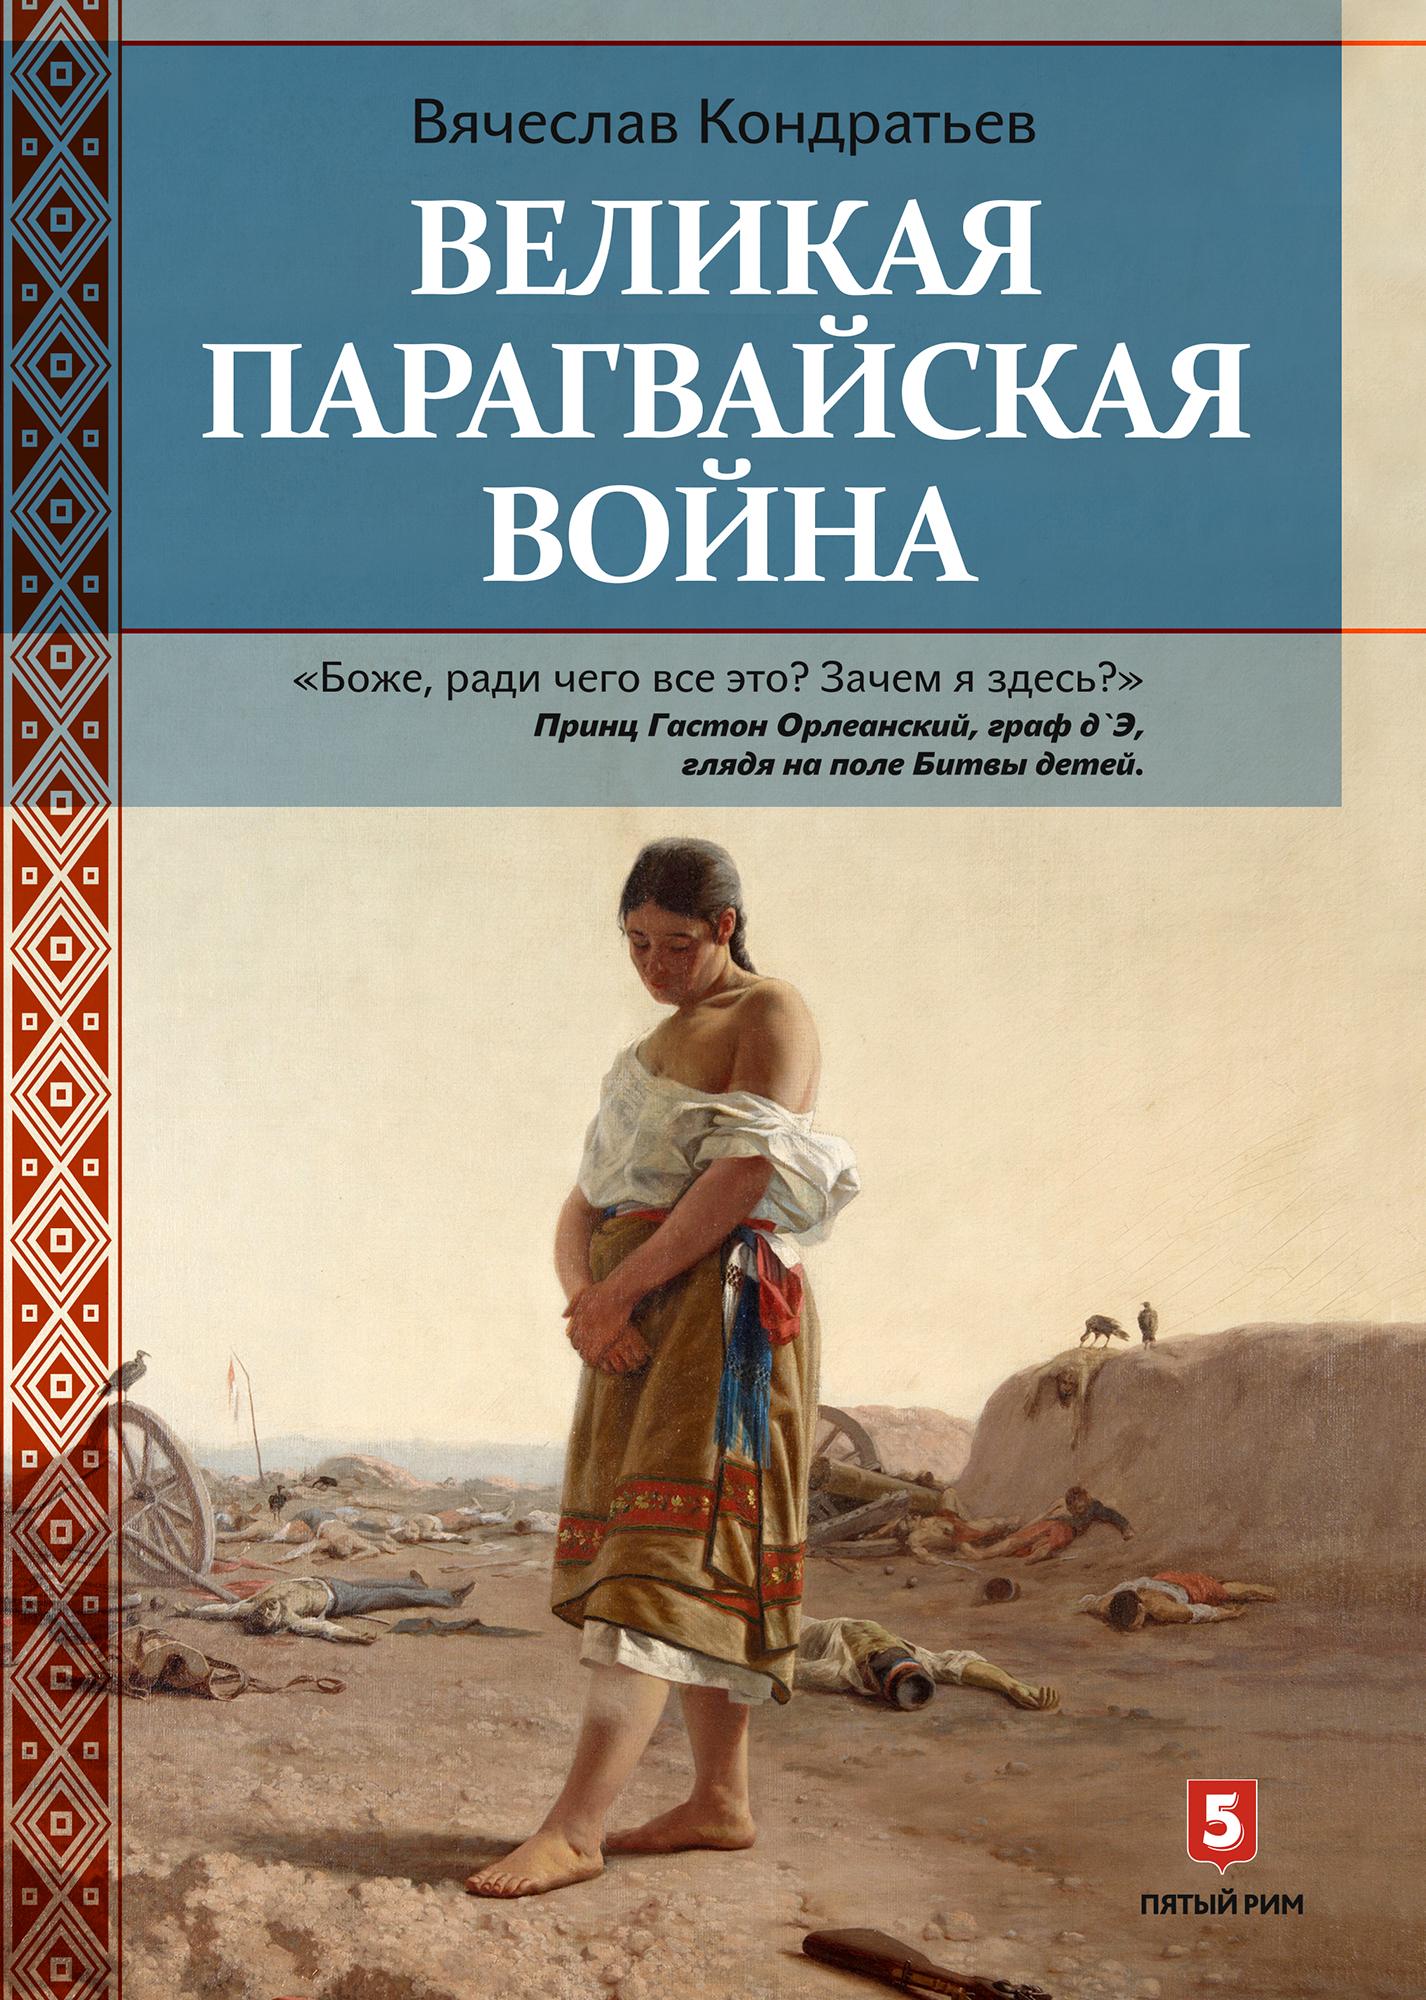 Купить книгу Великая Парагвайская война, автора Вячеслава Кондратьева